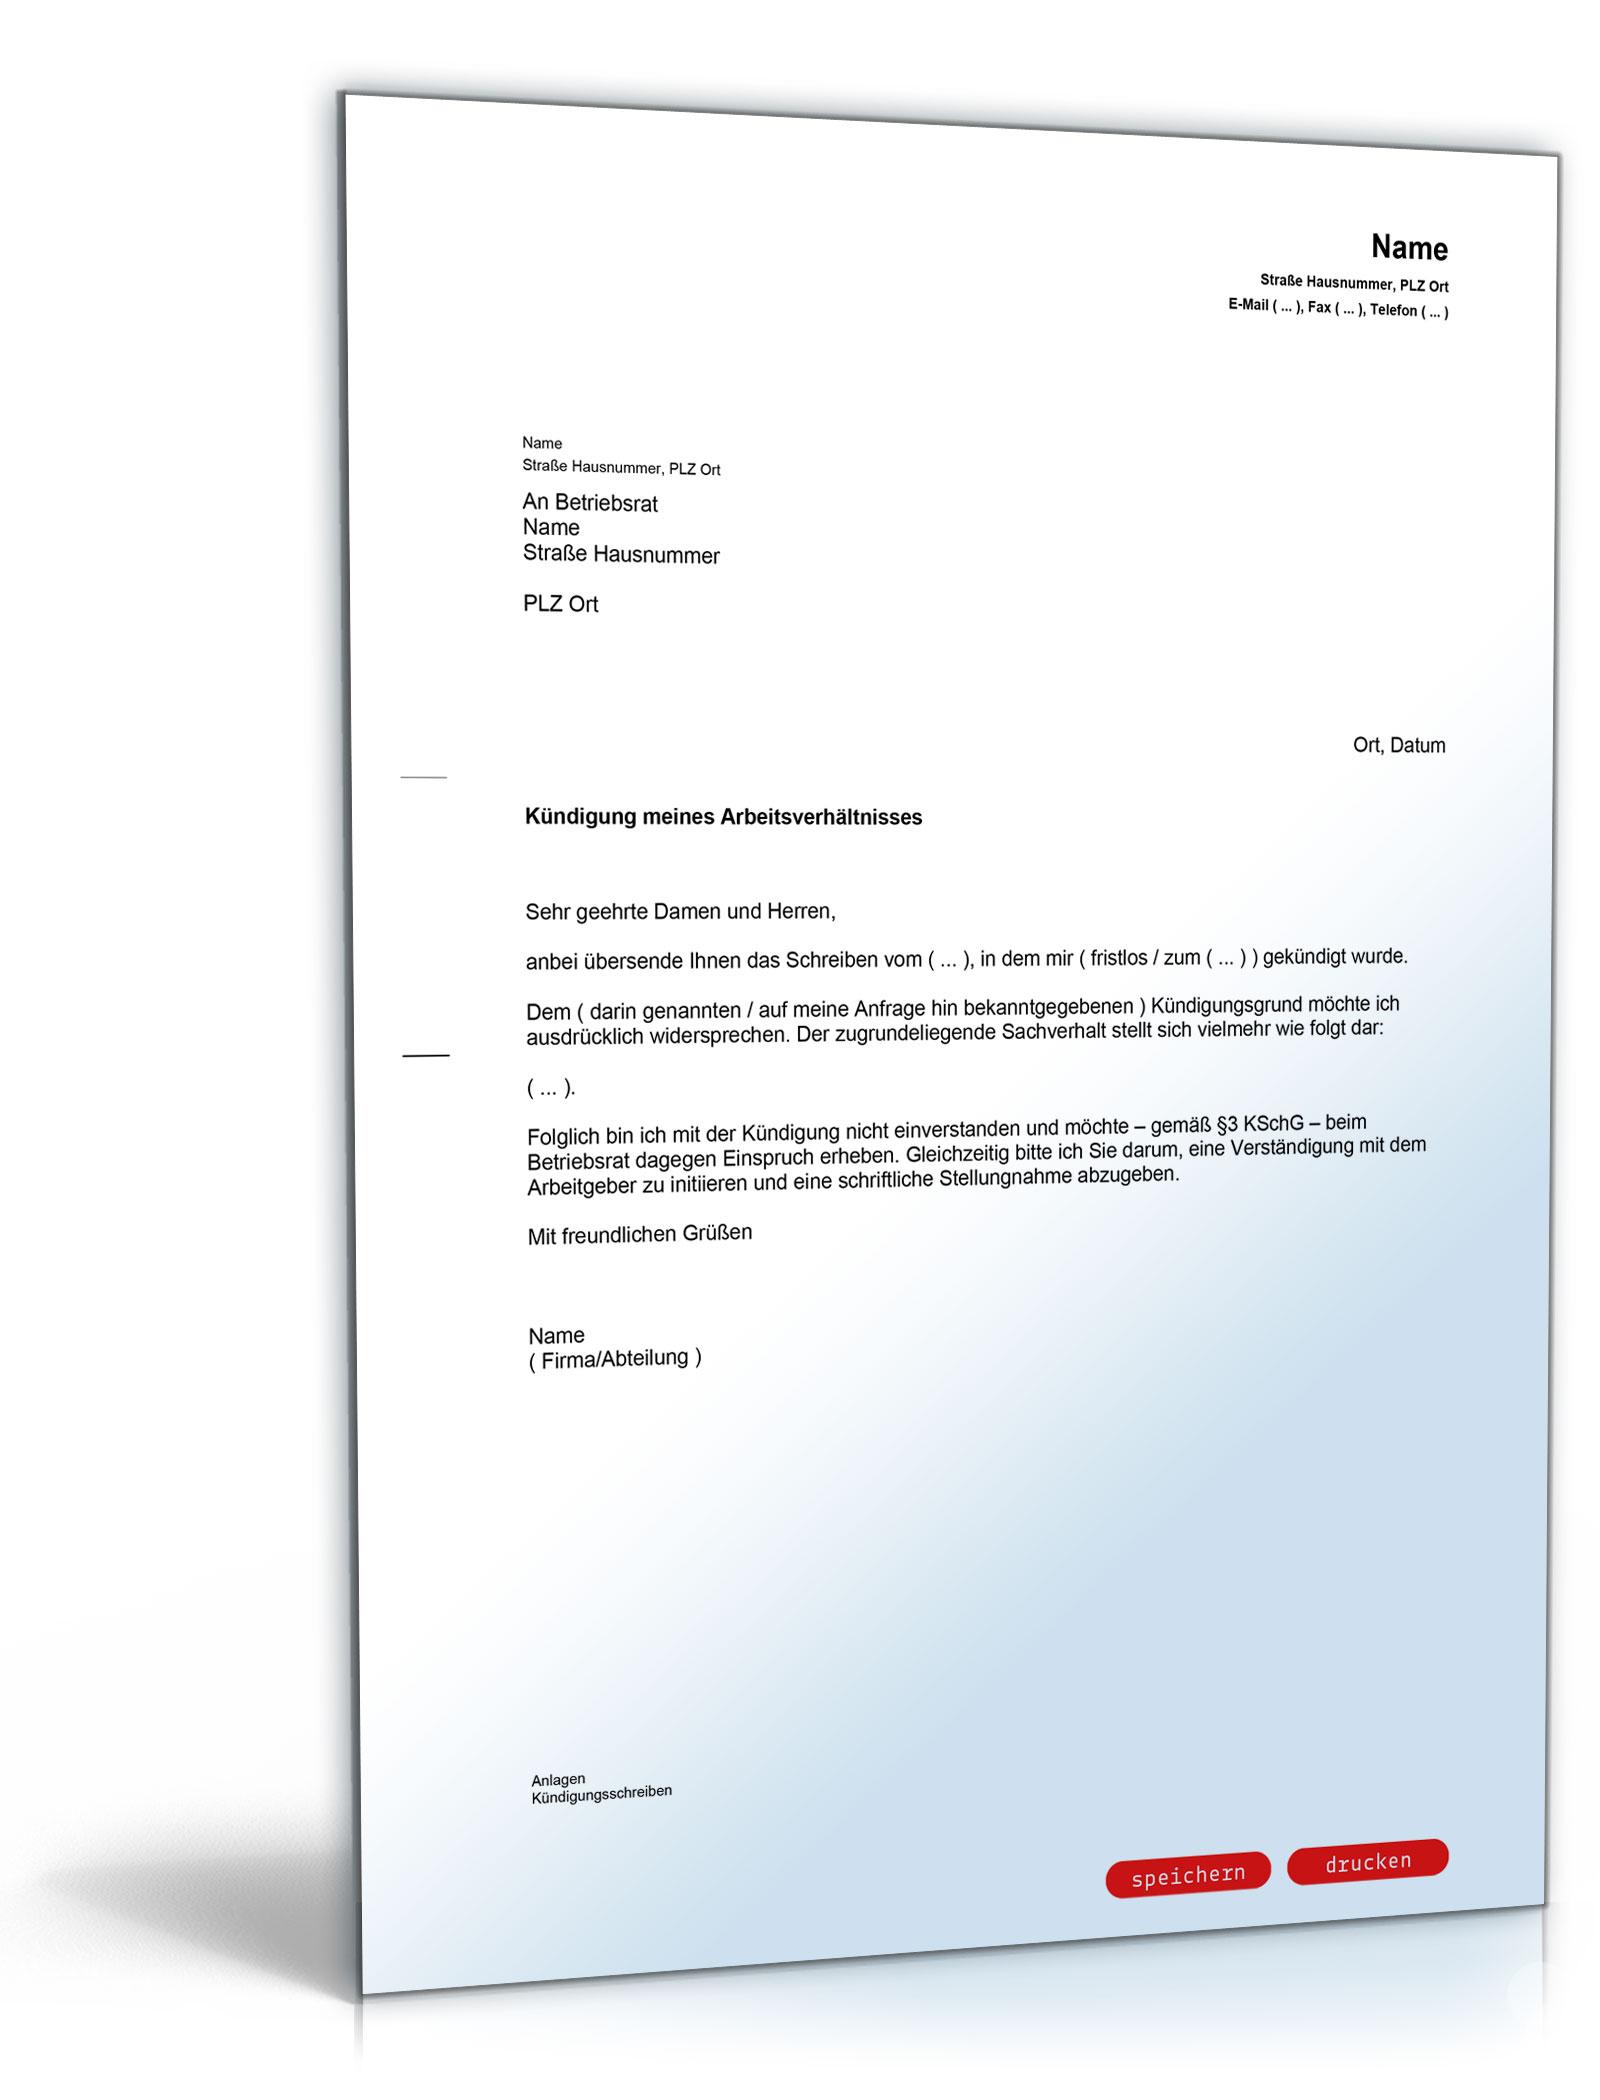 Einspruch gegen Kündigung beim Betriebsrat